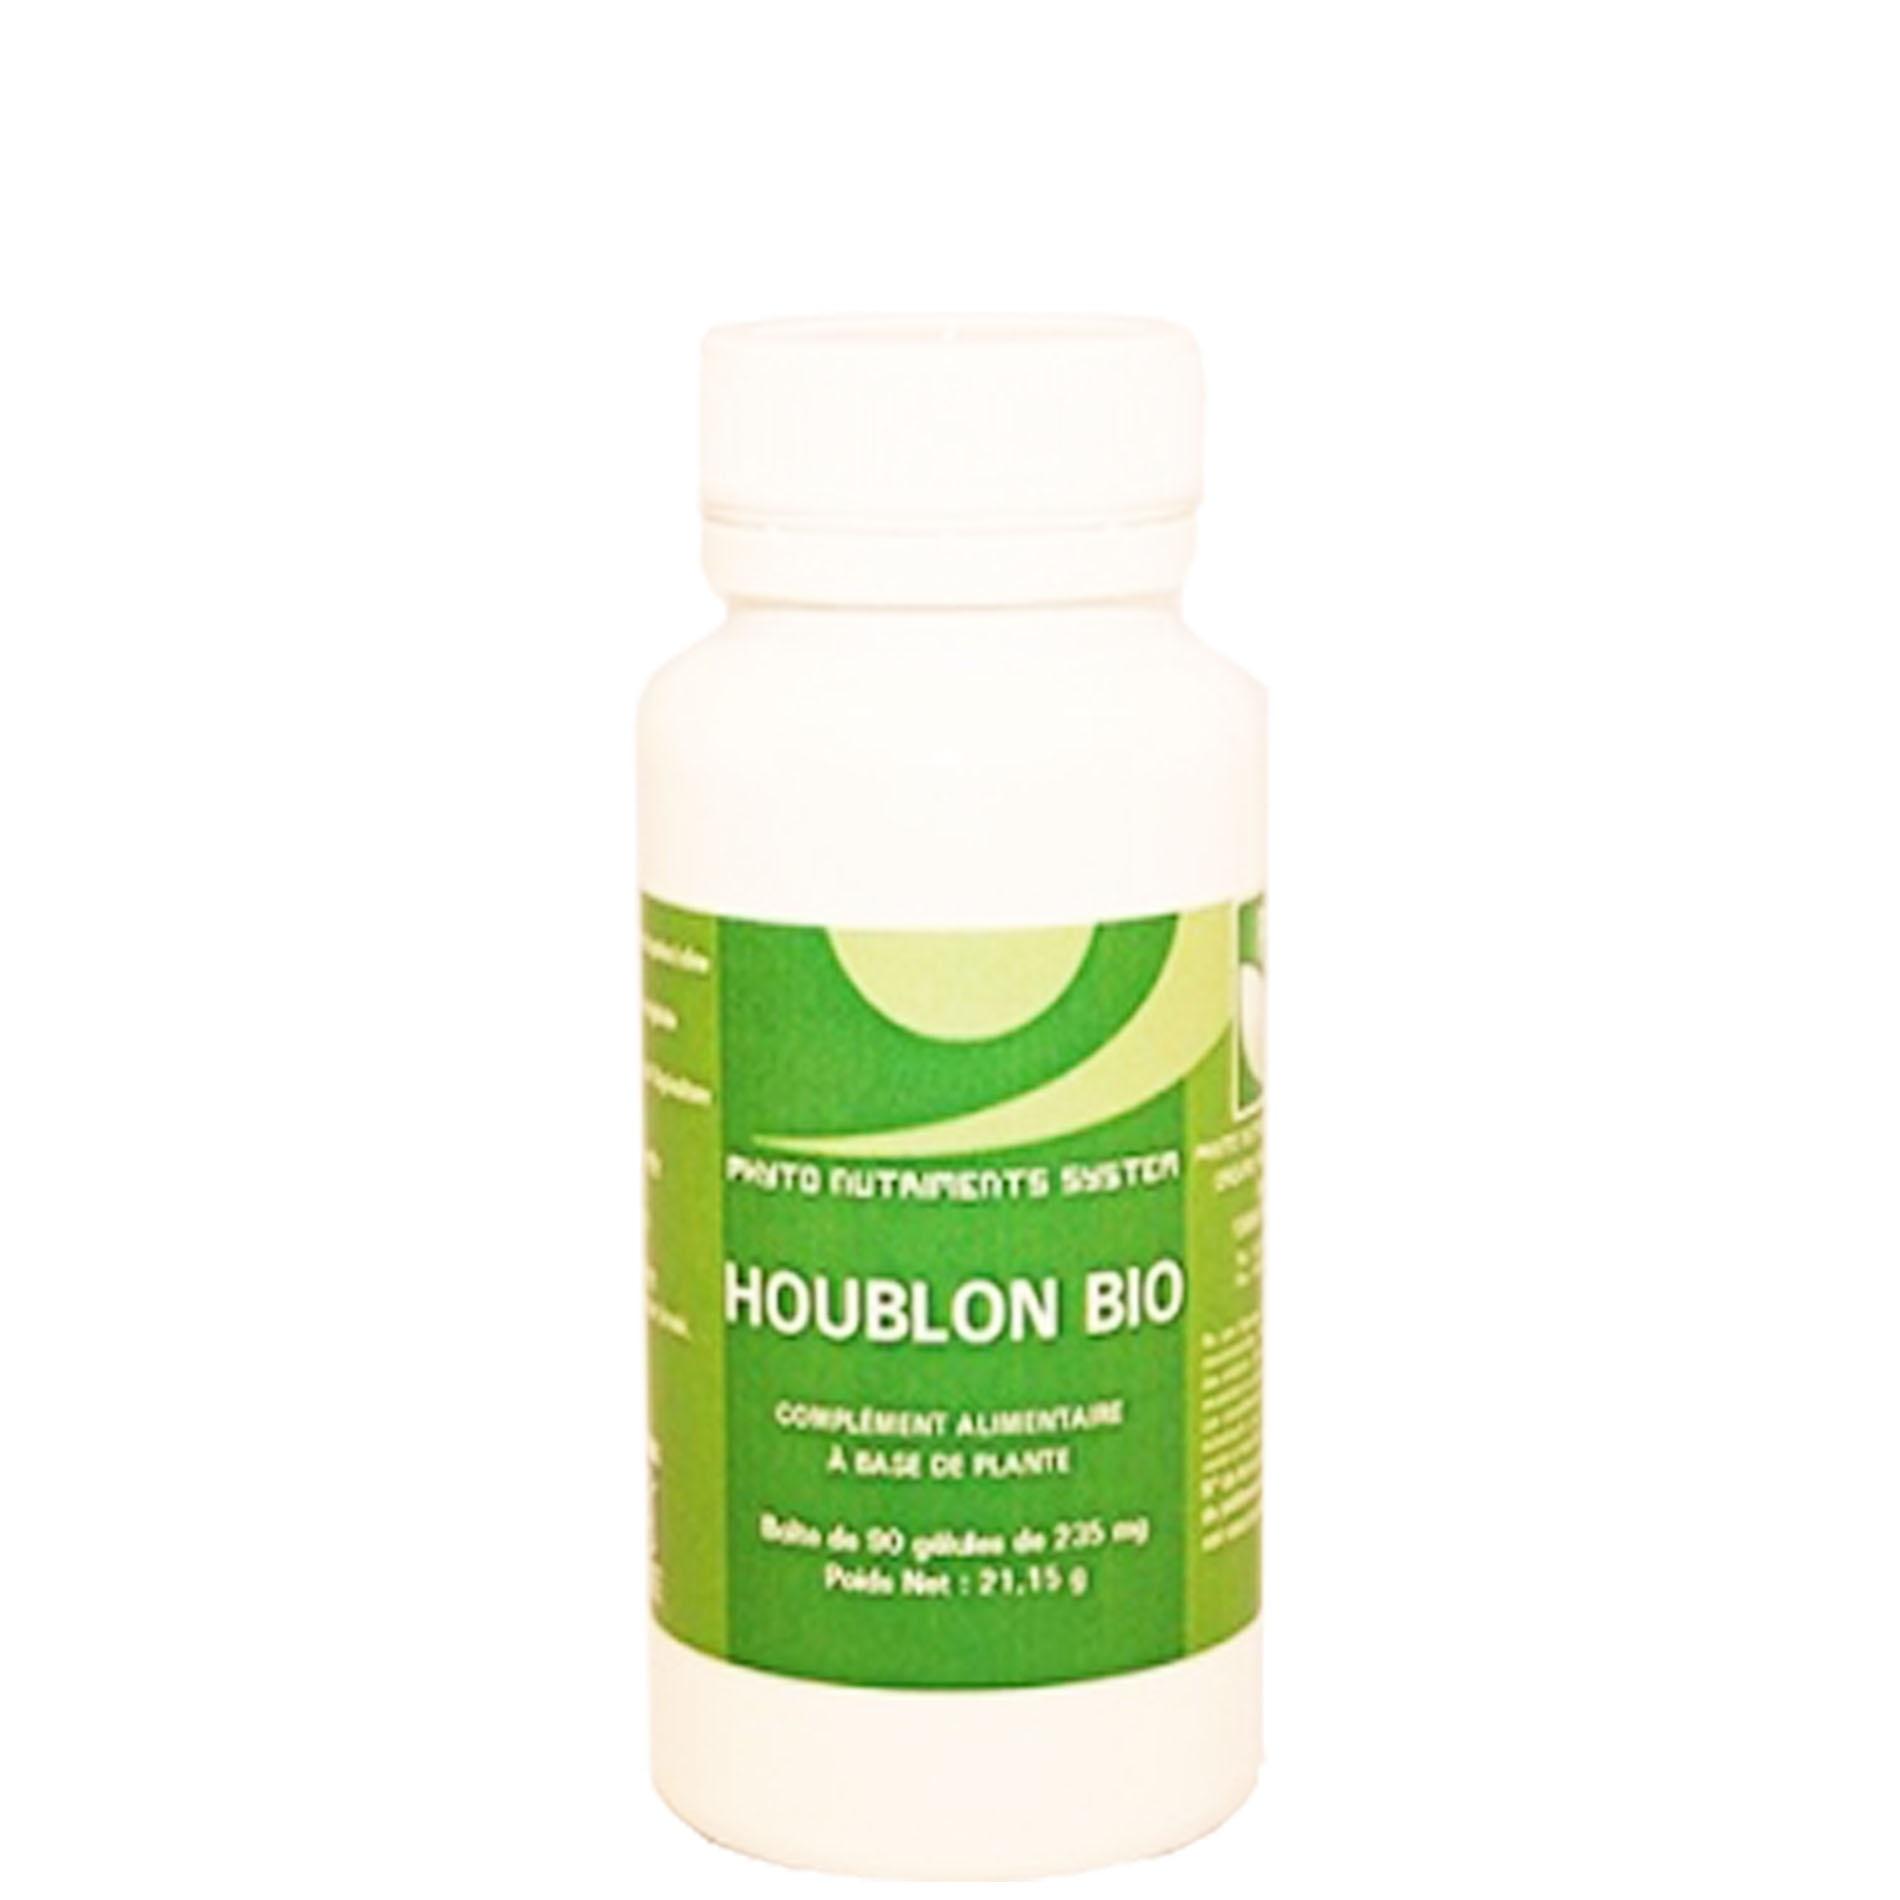 houblon-bio-phytotherapie